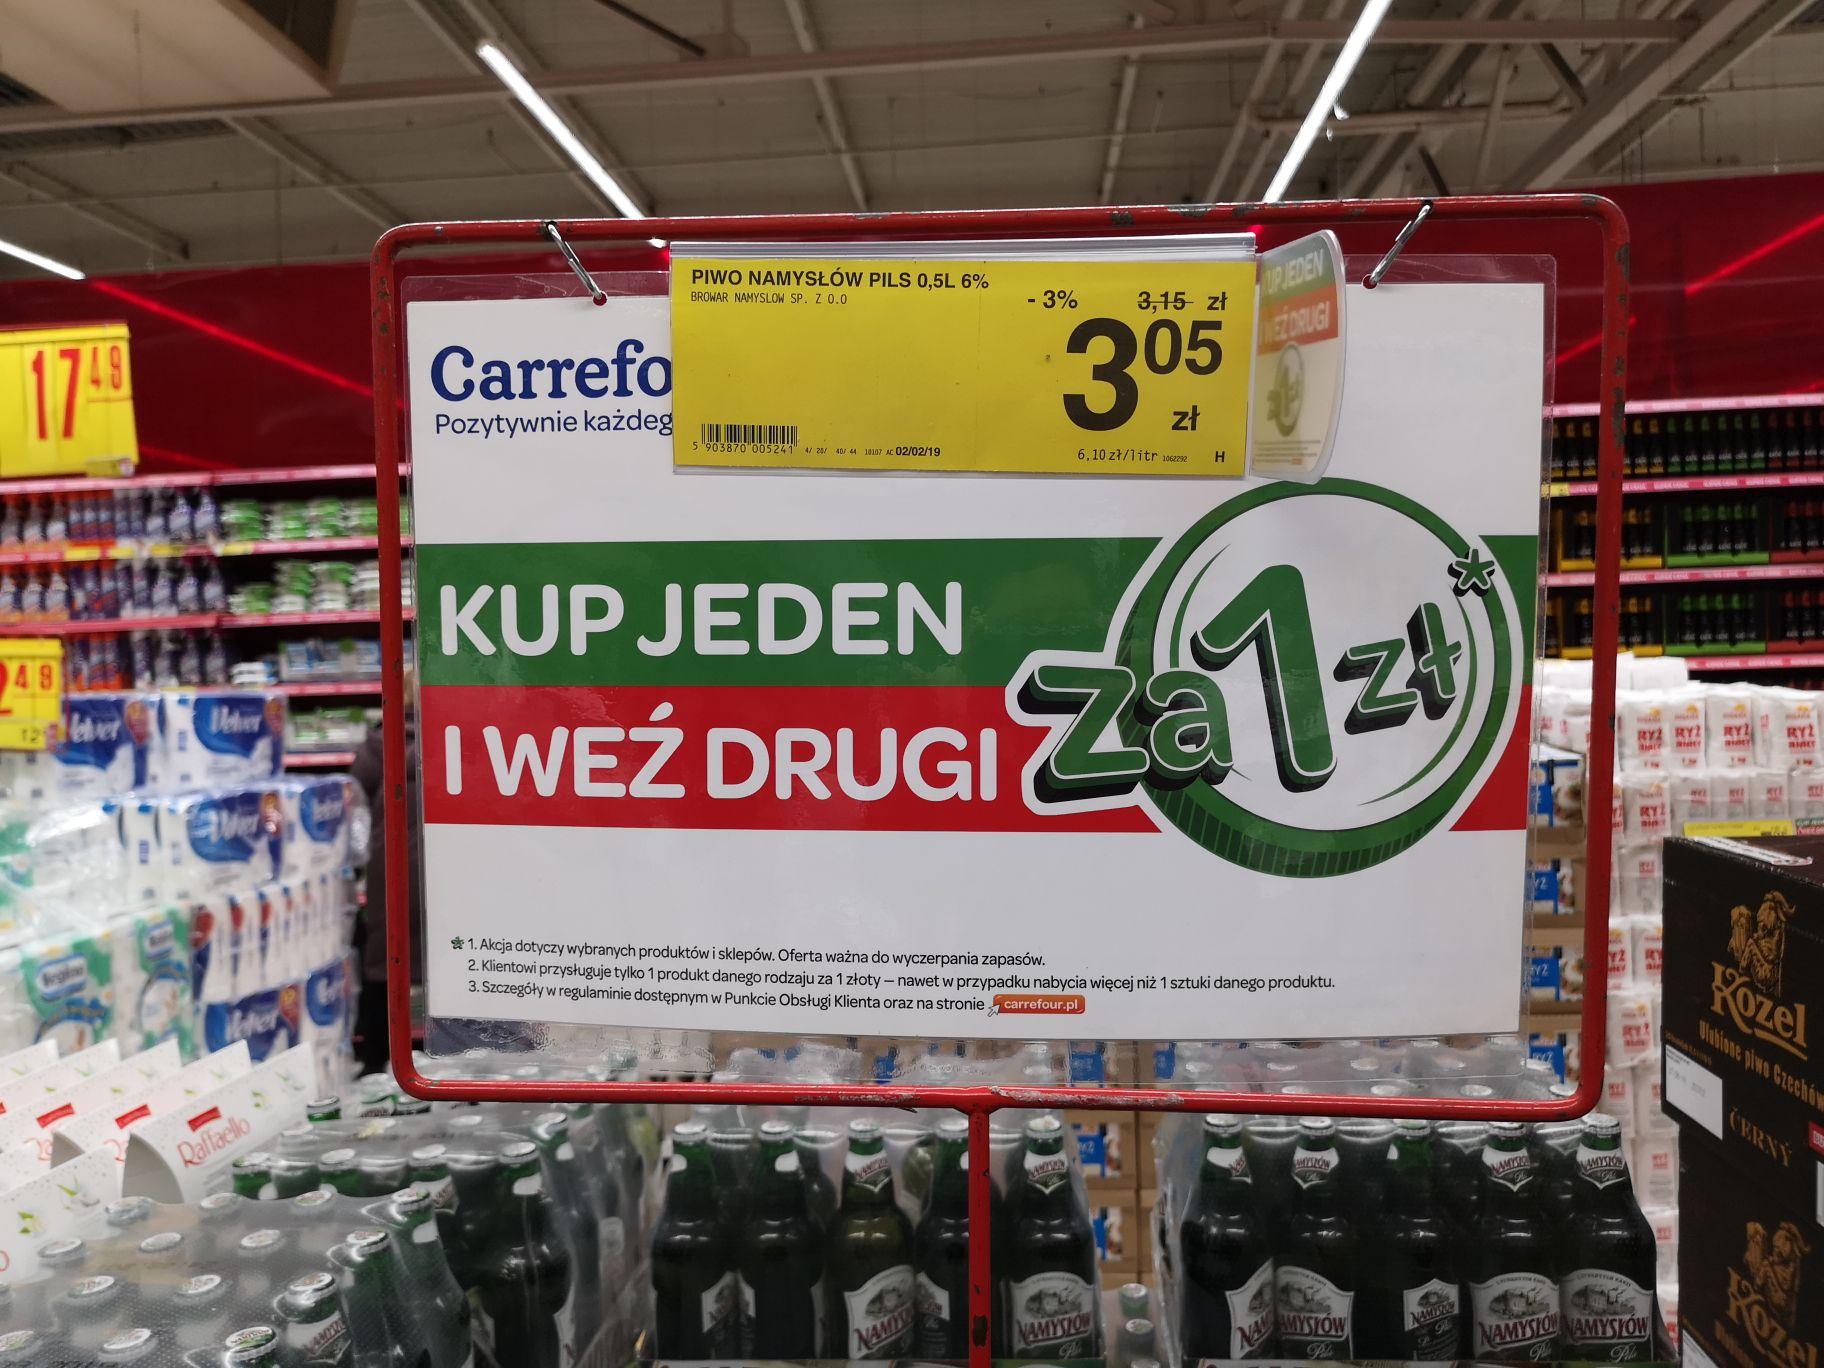 Piwo Namysłów butelka bezzwrotna za 1,53 zł przy zakupie dwóch (Carrefour)